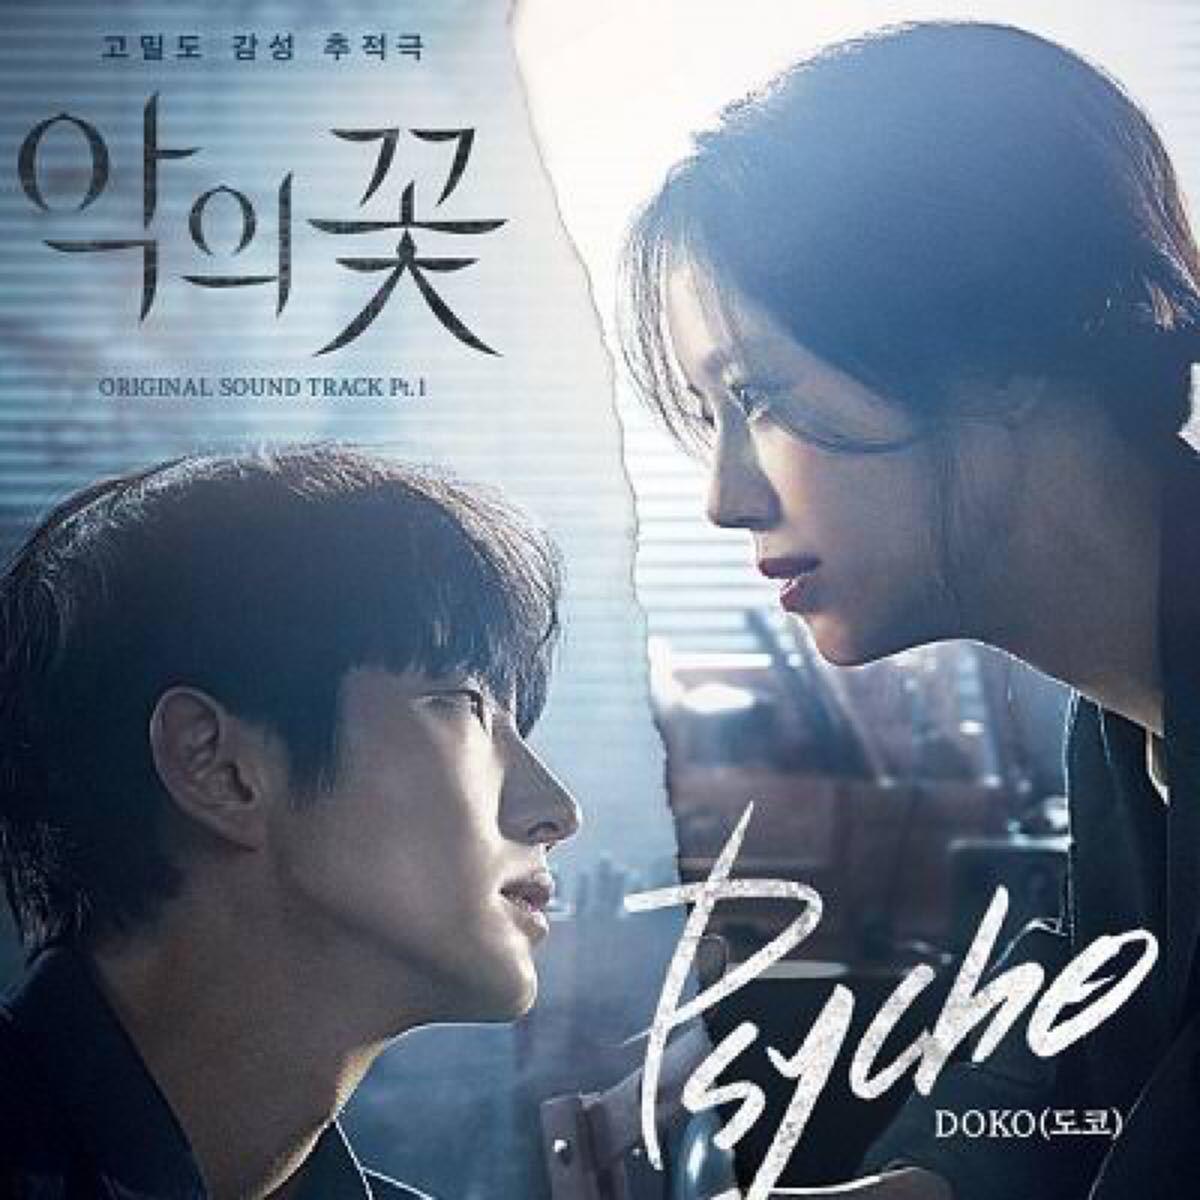 【悪の花】韓国ドラマ/Blu-rayブルーレイ全話収録!2〜3日で発送★